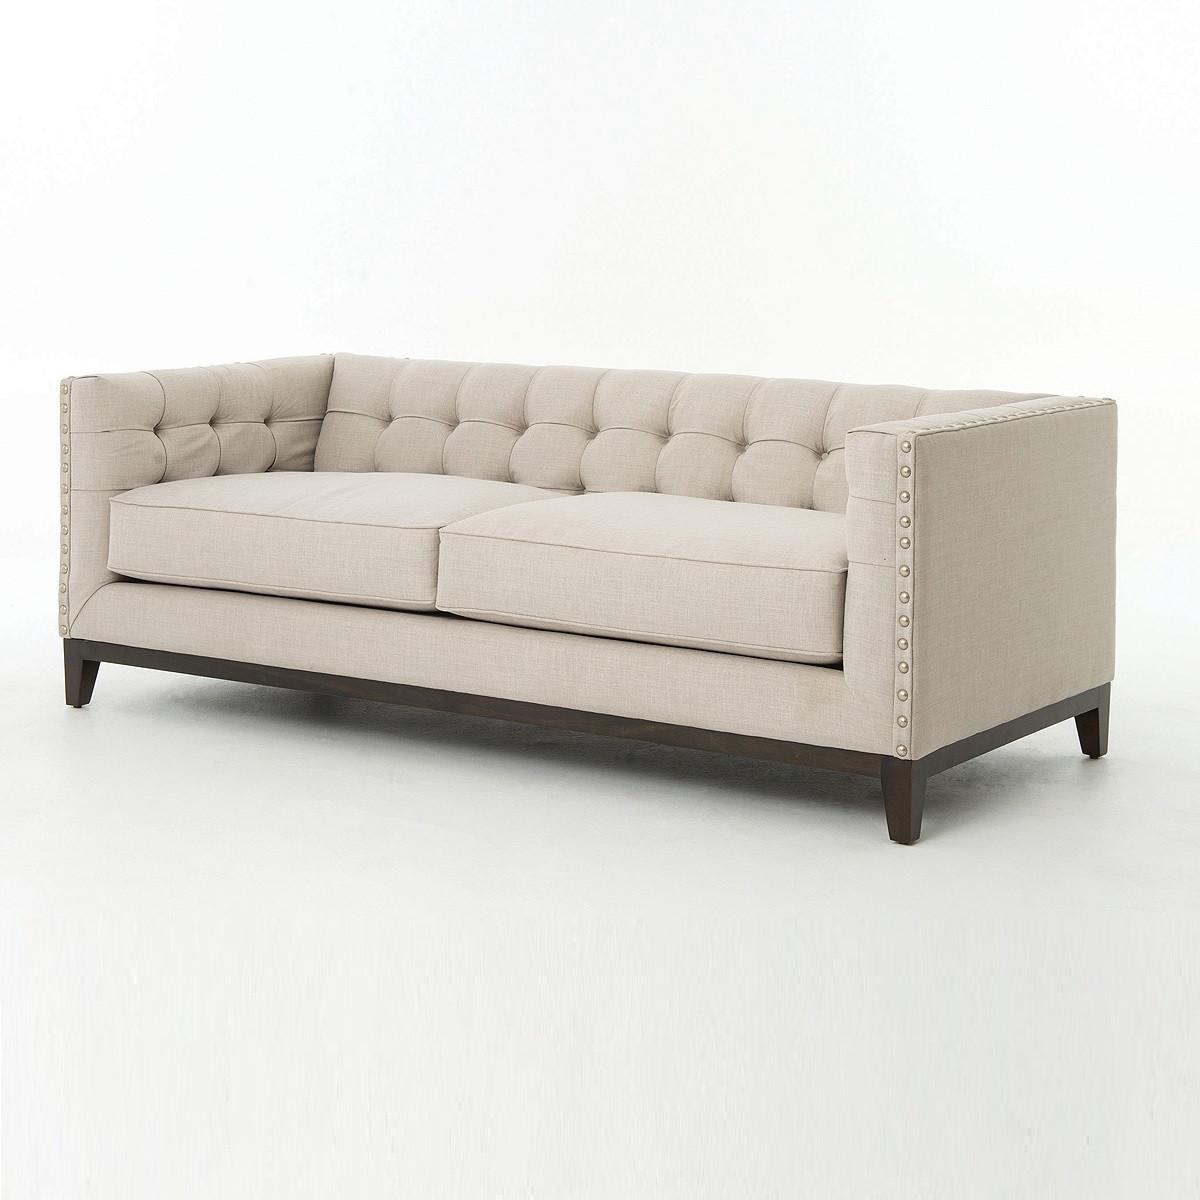 Modern Nailhead Sofa: Greenwich Modern Tufted Linen Nailhead Sofa